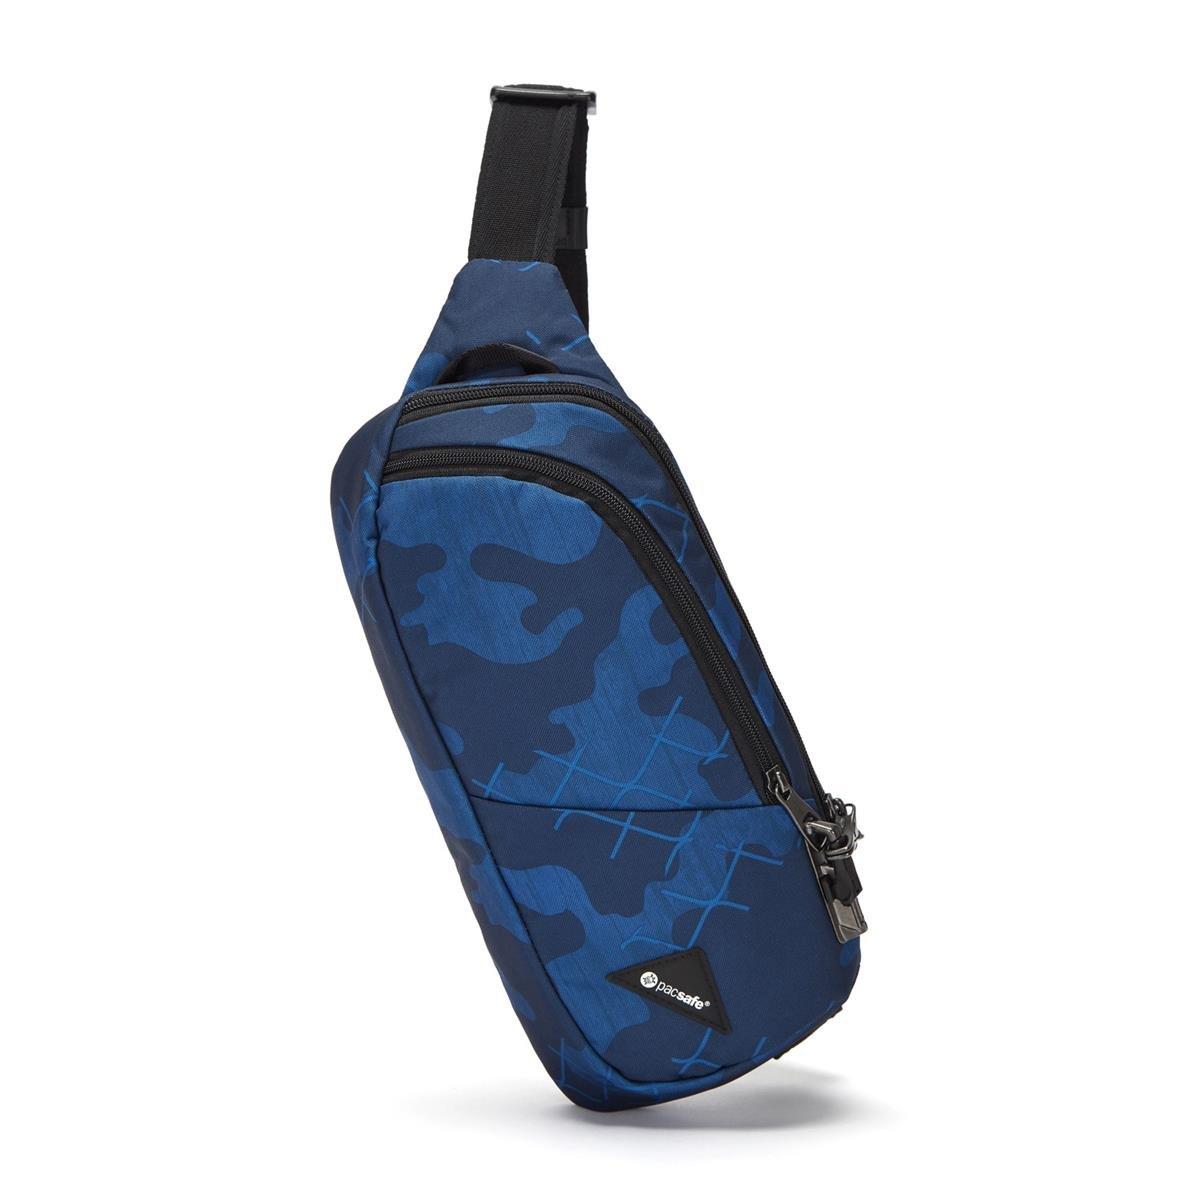 Saszetka nerka antykradzieżowa Pacsafe Vibe 150 Blue Camo